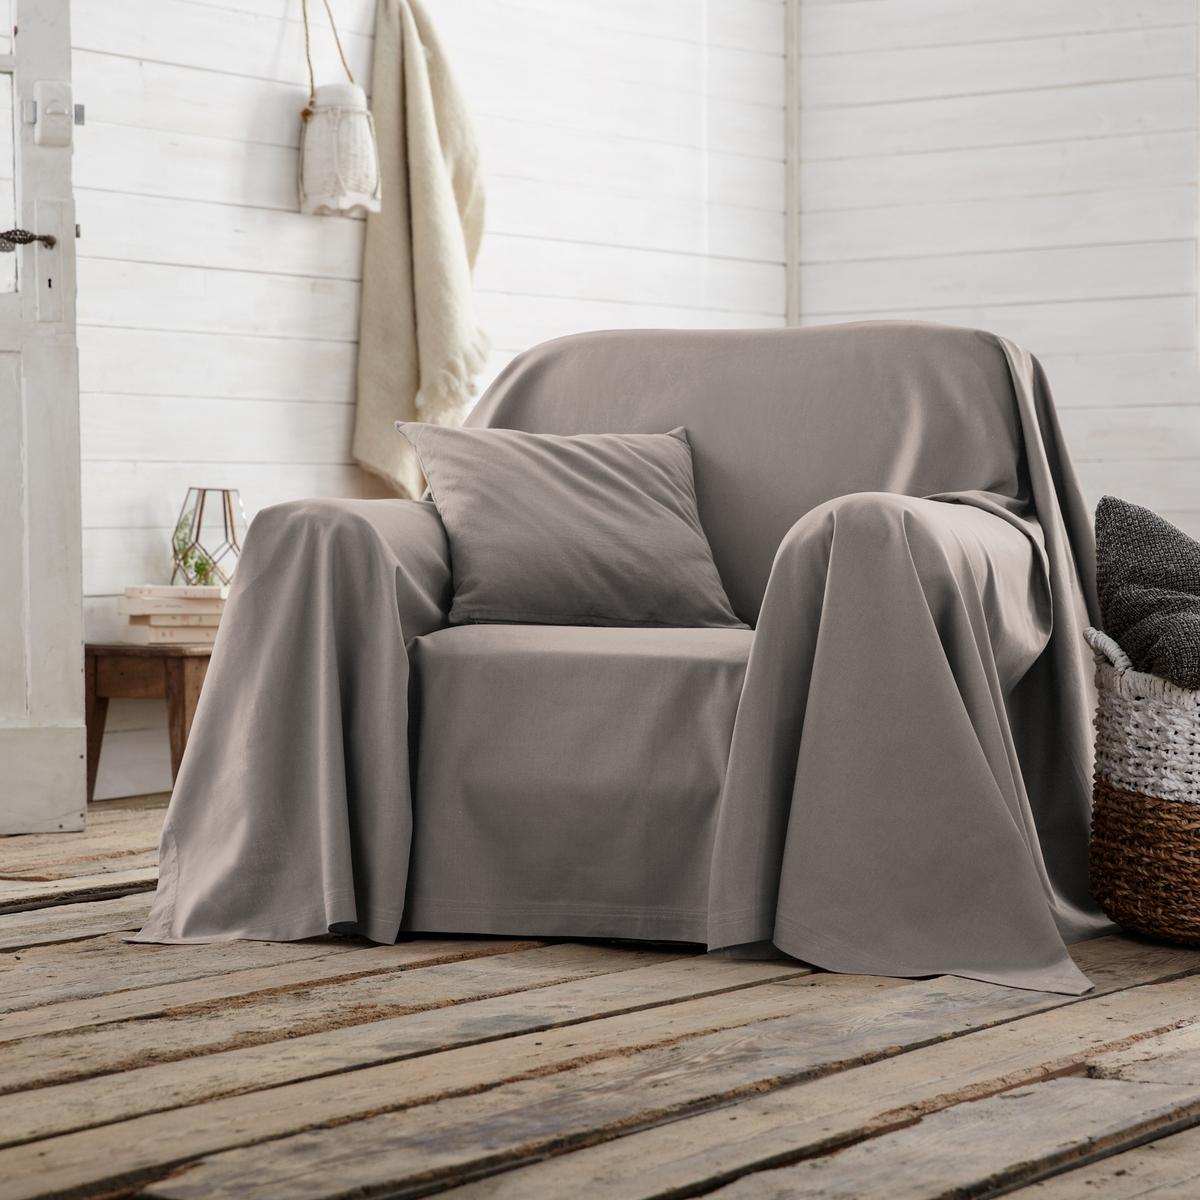 Покрывало однотонное для кресла или диванаХарактеристики покрывала для кресла или дивана :- Хлопковая ткань (220 г/м?).- Простой уход: стирка при температуре 40°, превосходная стойкость цвета.Производство осуществляется с учетом стандартов по защите окружающей среды и здоровья человека, что подтверждено сертификатом Oeko-tex®.<br><br>Цвет: облачно-серый,рубиново-красный,серо-коричневый каштан